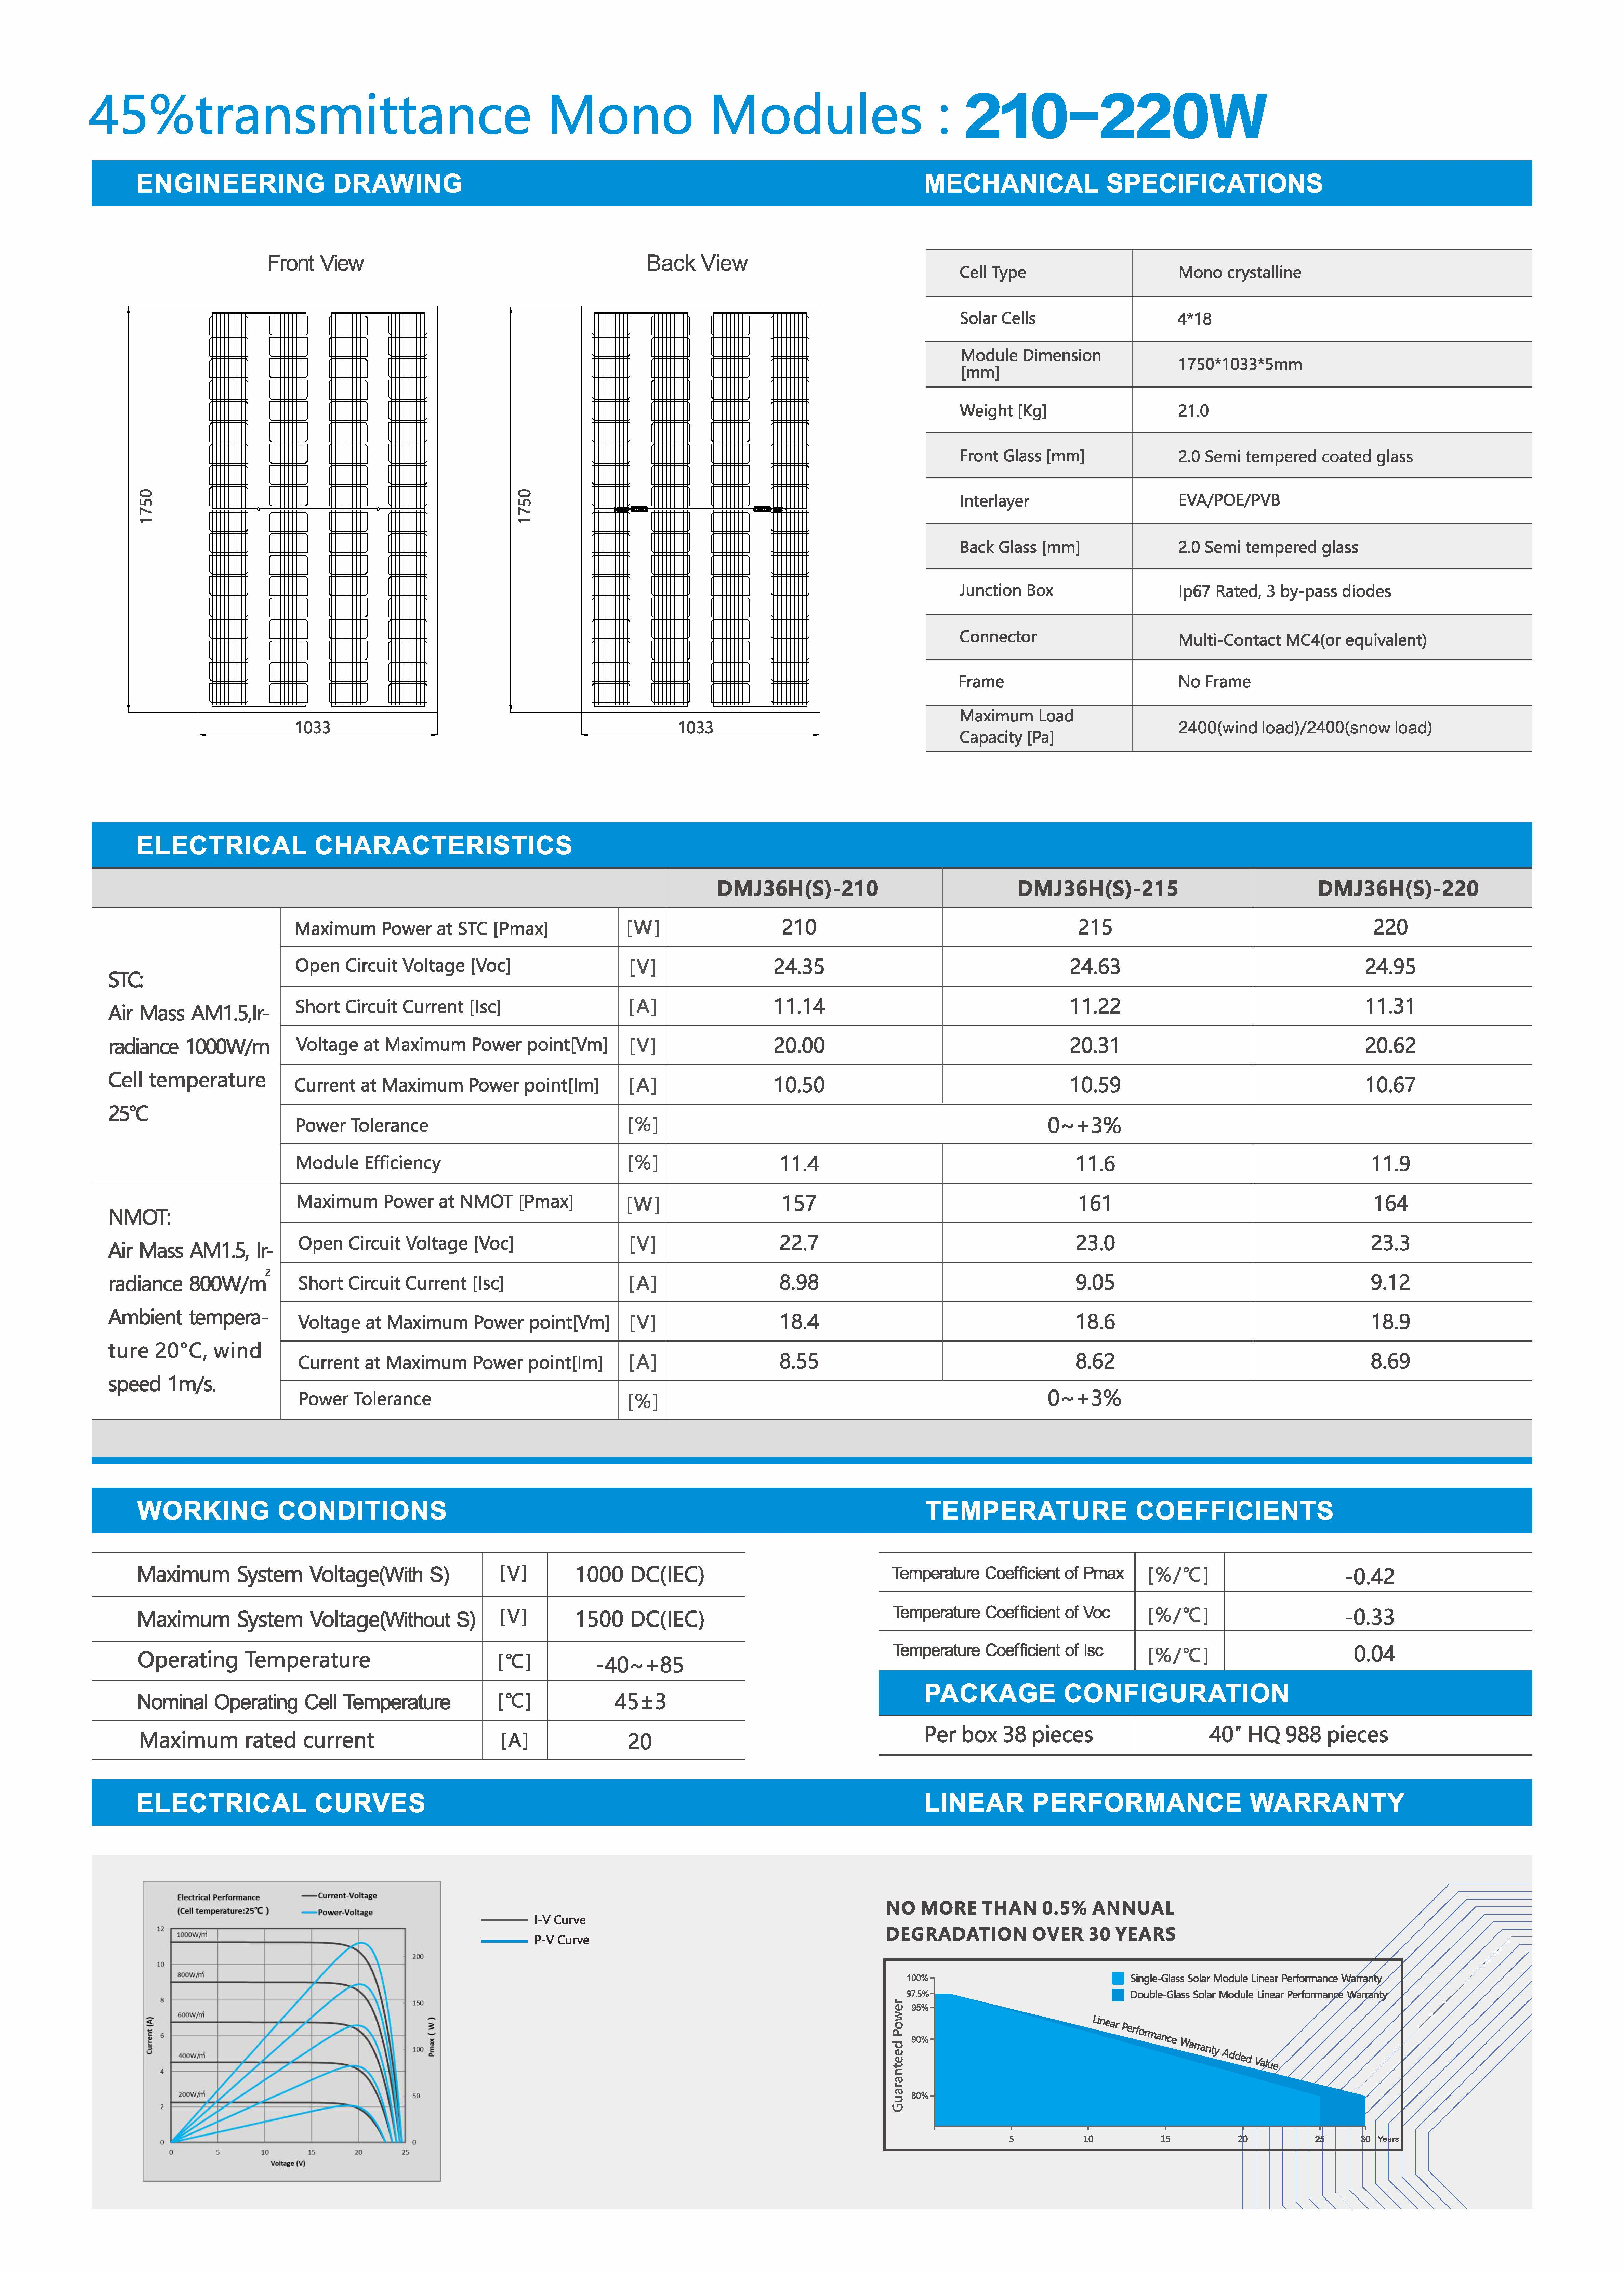 DMJ36H(S)210-220-45透光-5mm厚